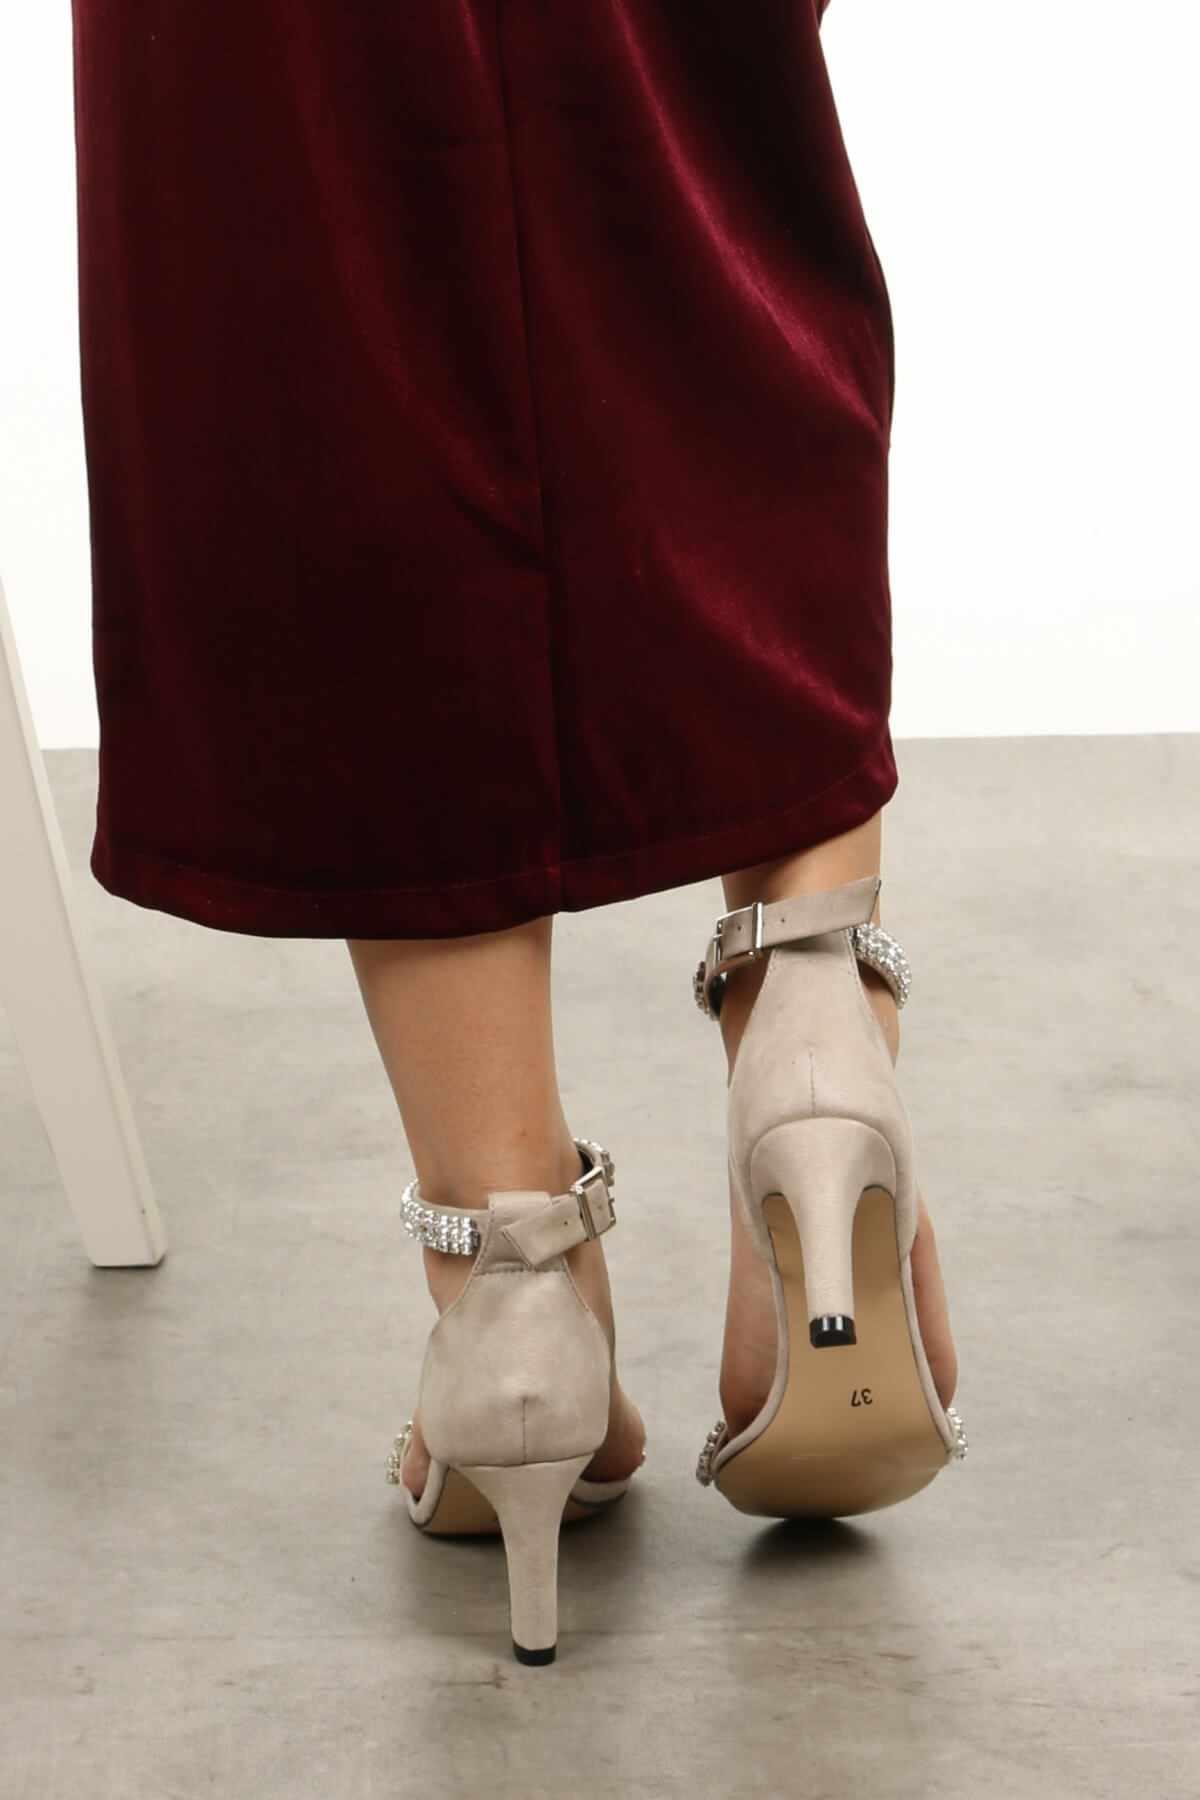 """Paris Màu Be Ngắn Gót Dạ Hội Giày Đế Bằng Dây Cột Nữ Giày Nữ Zapato De Mujer """"Tacon Giày Người Phụ Nữ Mỏng Gót Nhọn Nông máy Bơm"""